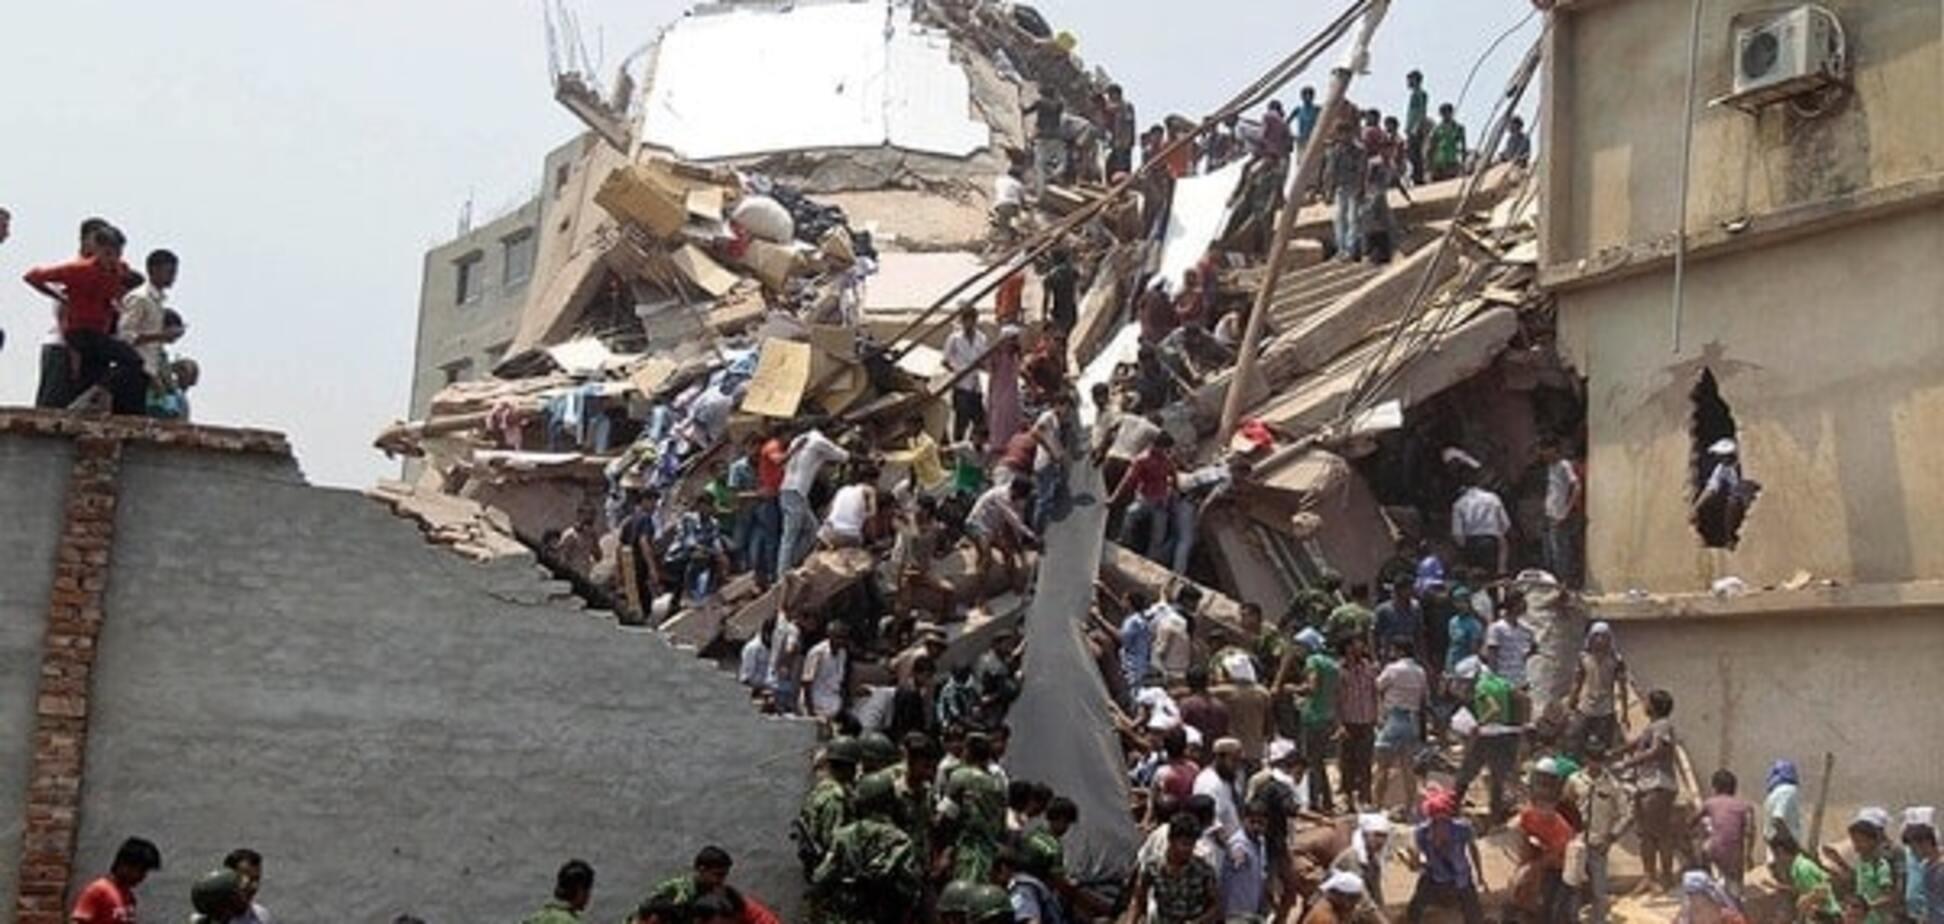 Мегаземлетрус: вчені спрогнозували загибель 140 мільйонів людей у Бангладеші